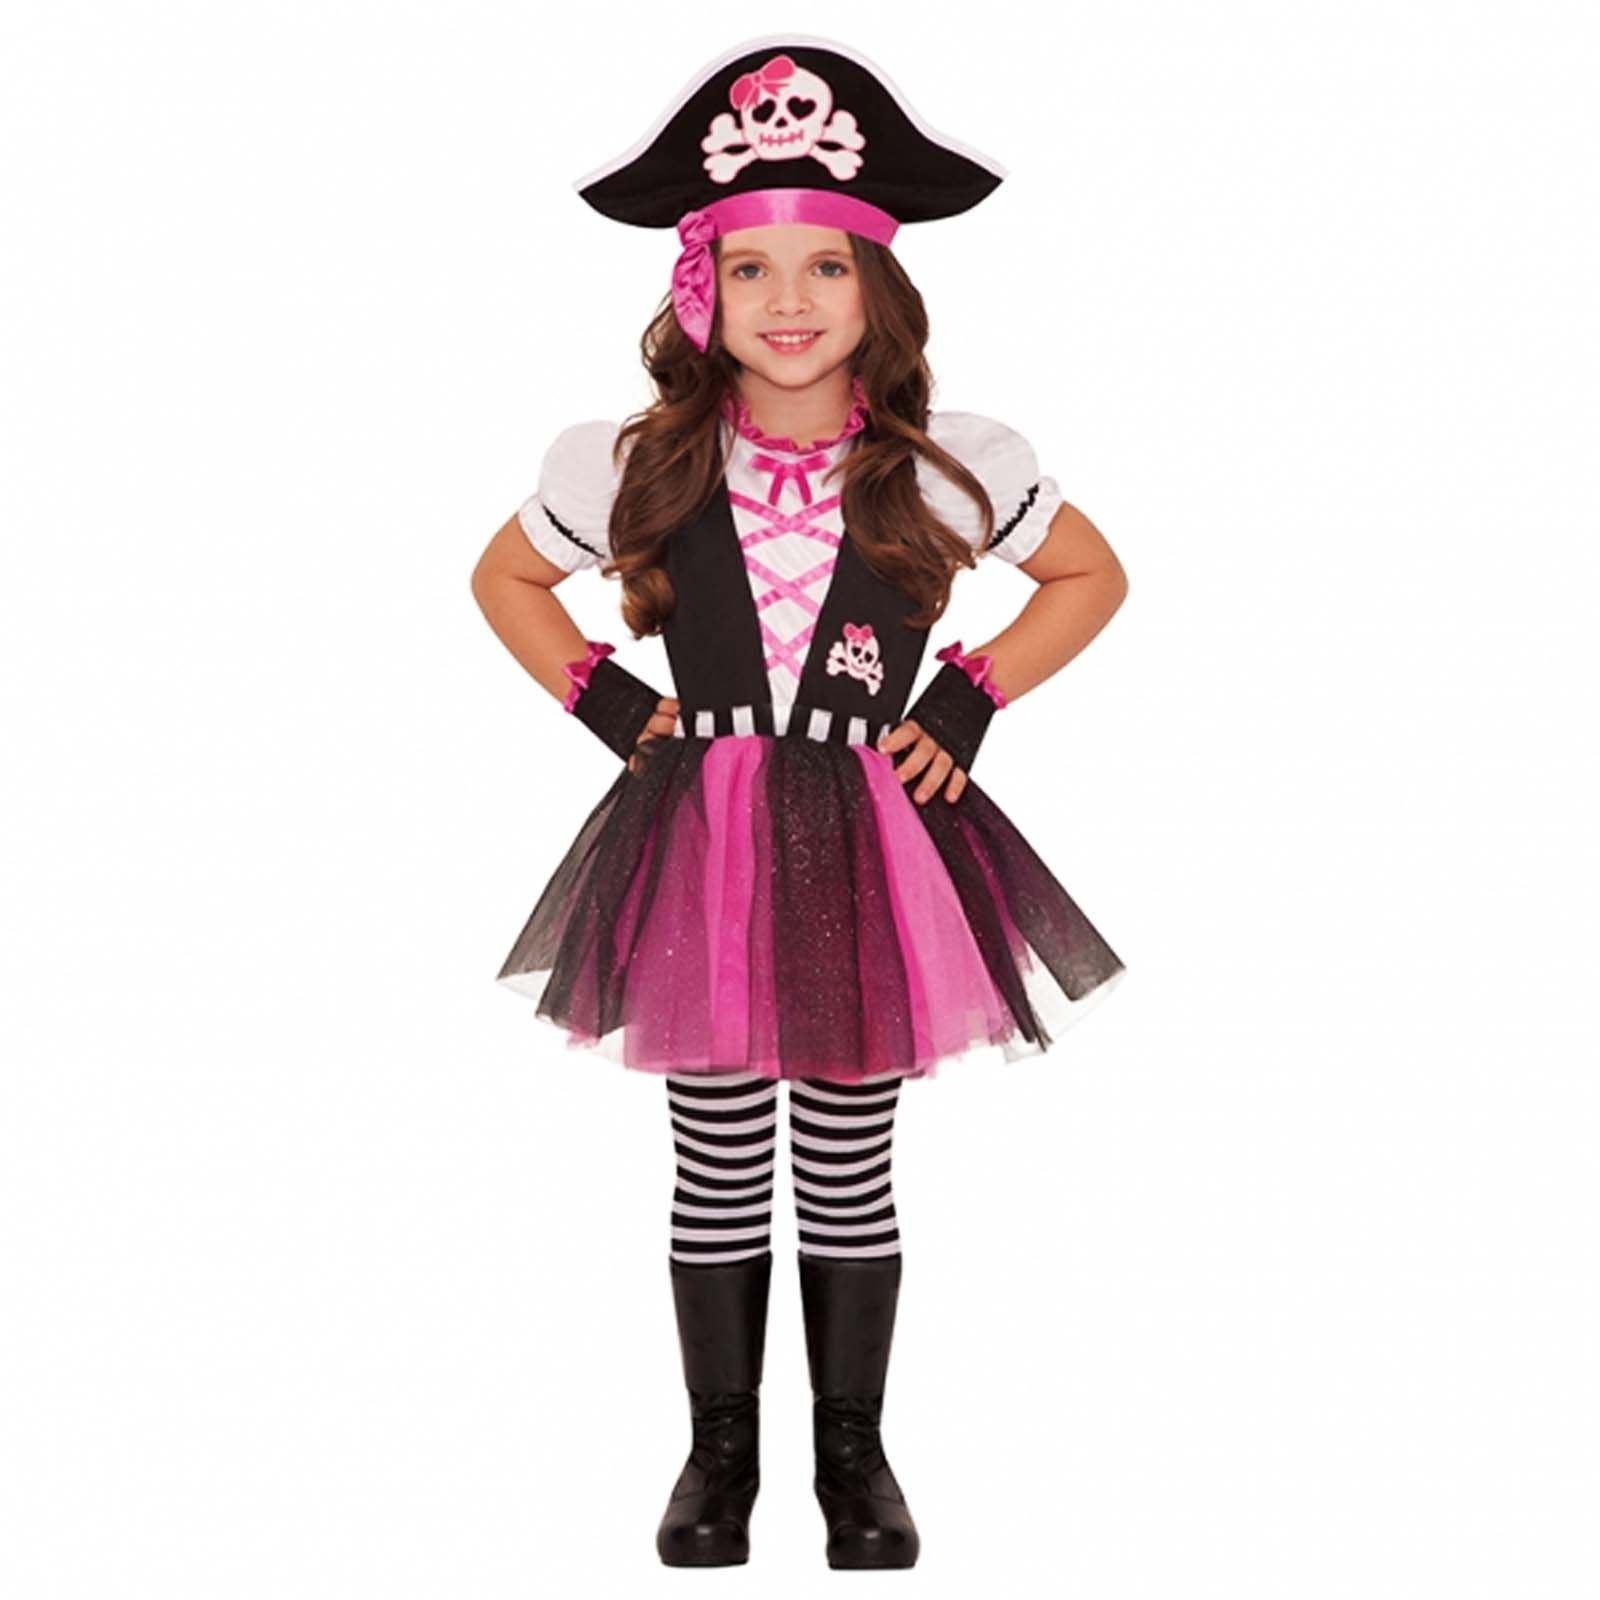 Костюм на пиратскую вечеринку для девочки своими руками фото 50